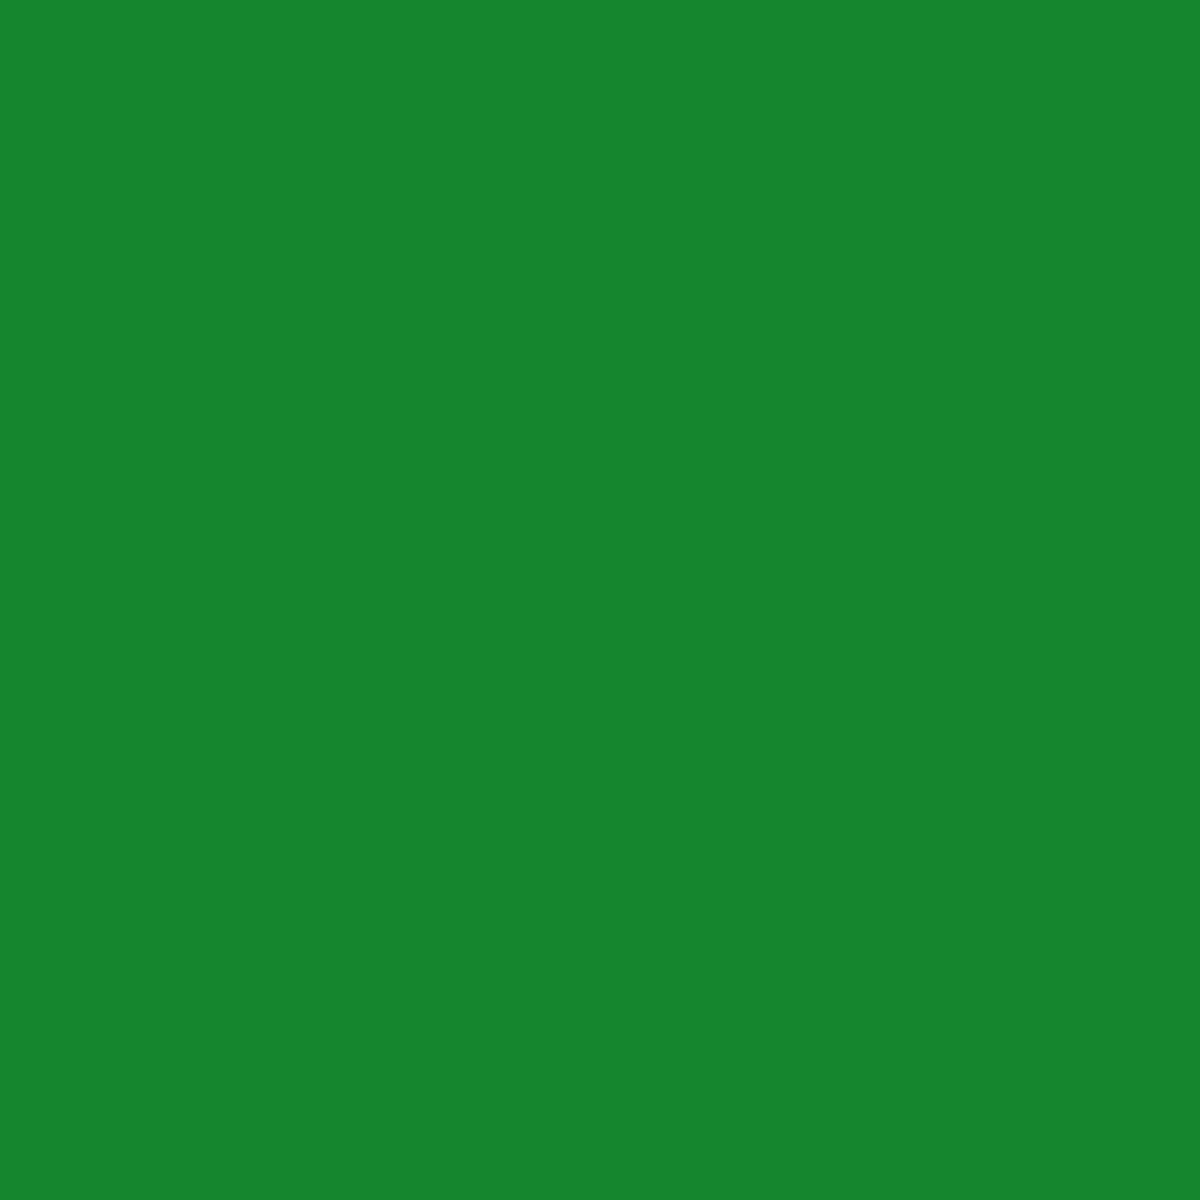 Vopsea lavabilă Chalkboard Peppermint Leaf, Benjamin Moore, 1 litru / cutie